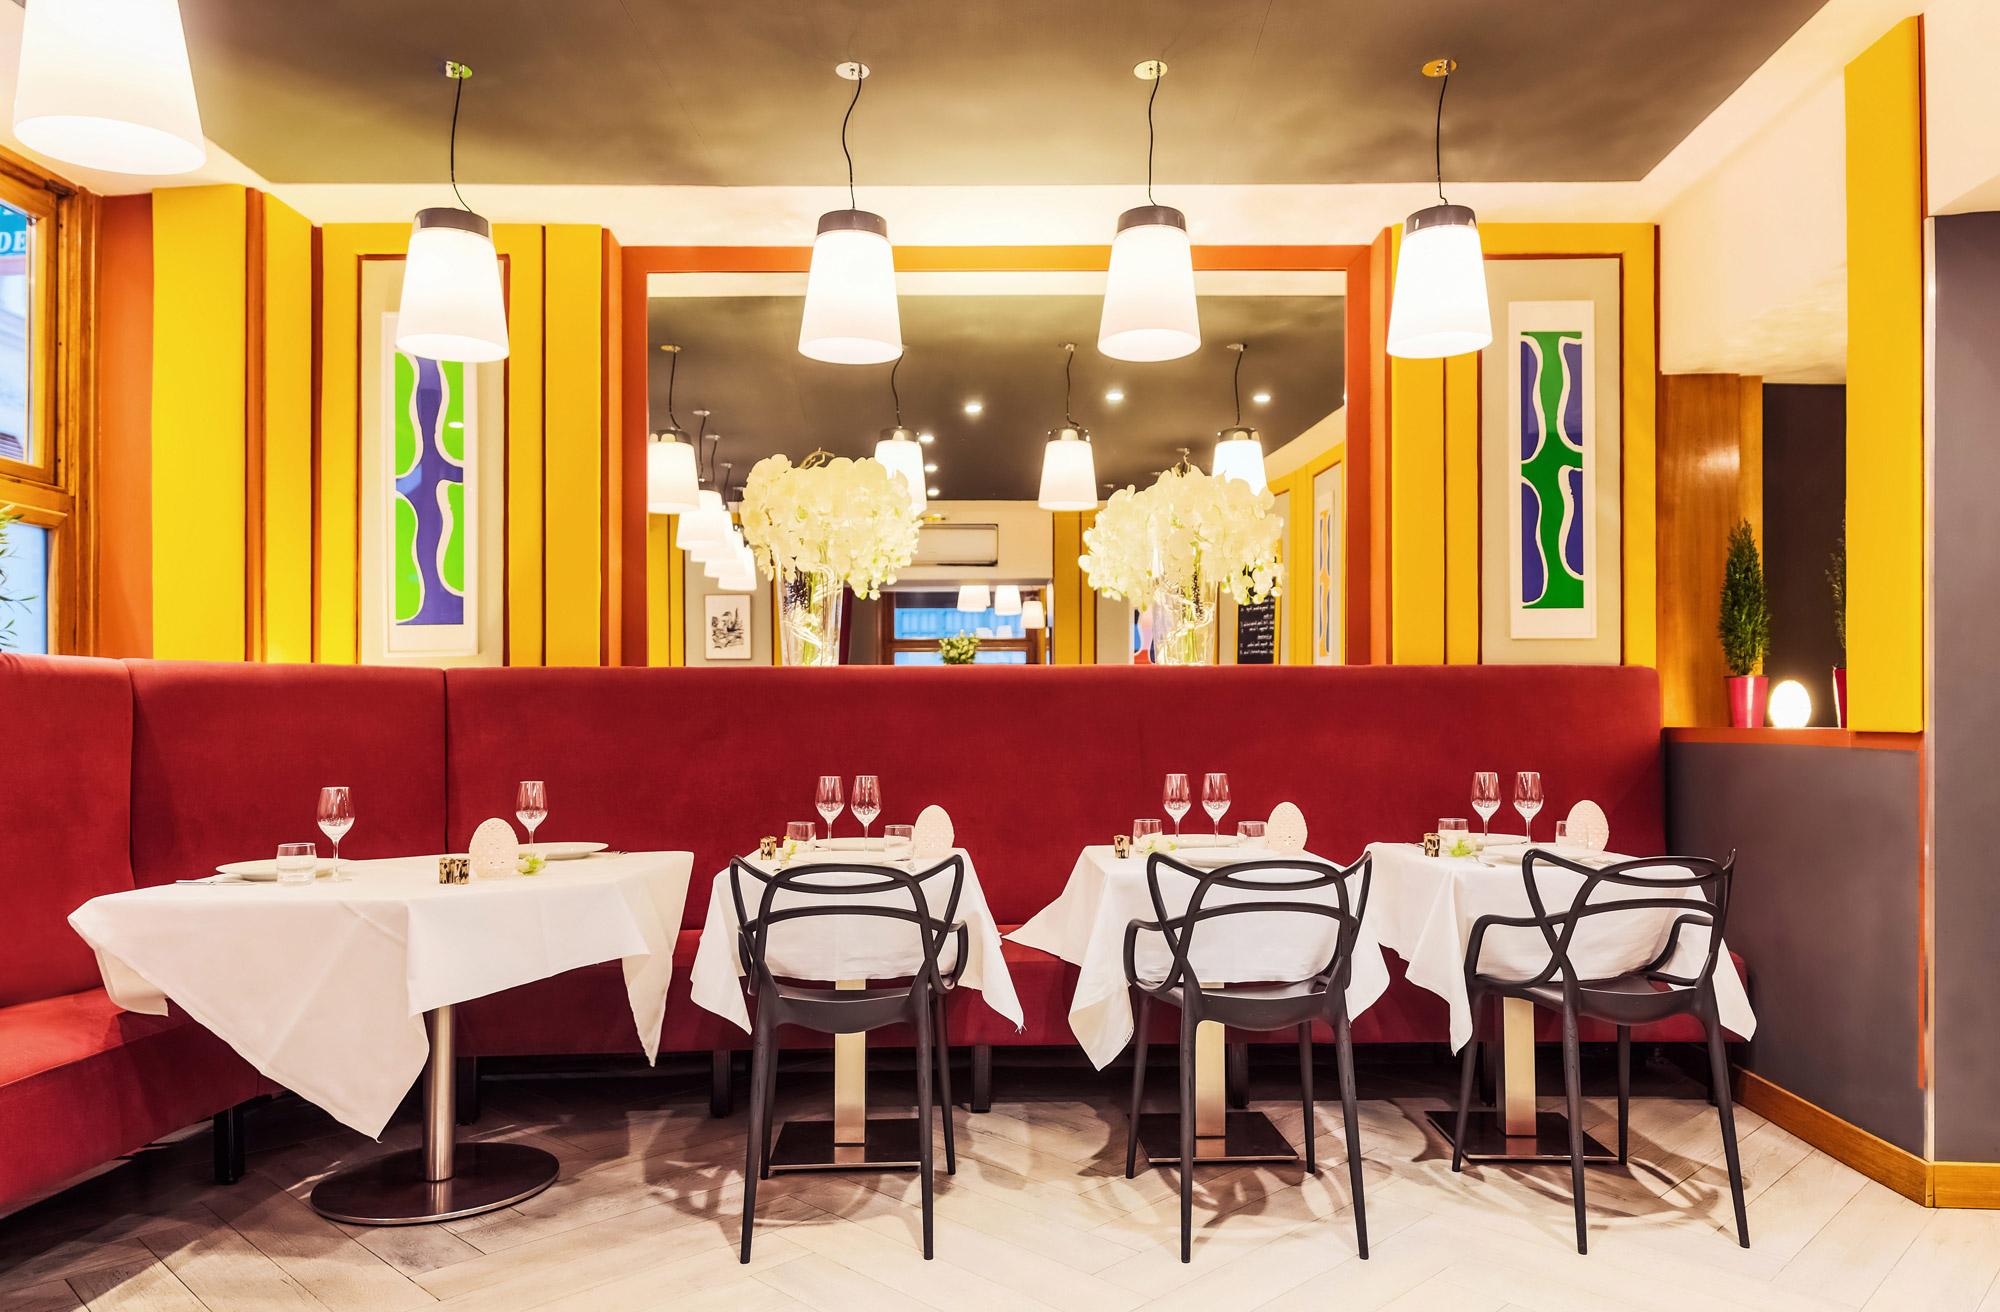 Découvrez la salle moderne et colorée du restaurant Le Crom'Exquis à Paris 8e